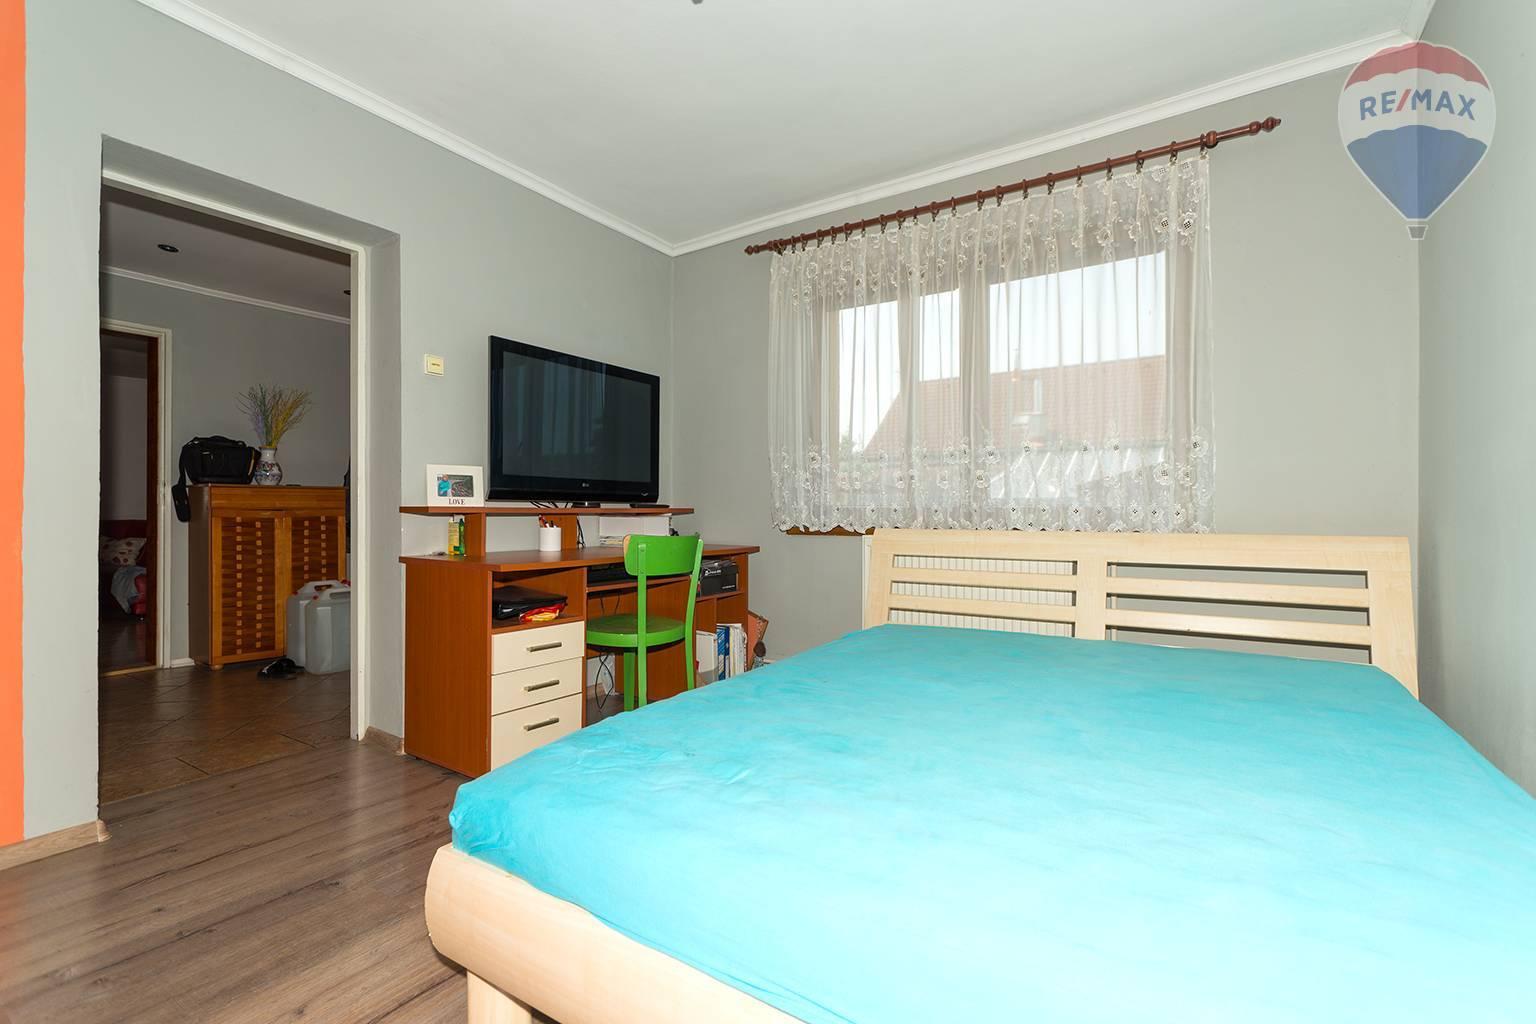 Predaj chaty 161 m2, Liptovský Mikuláš - detská izba